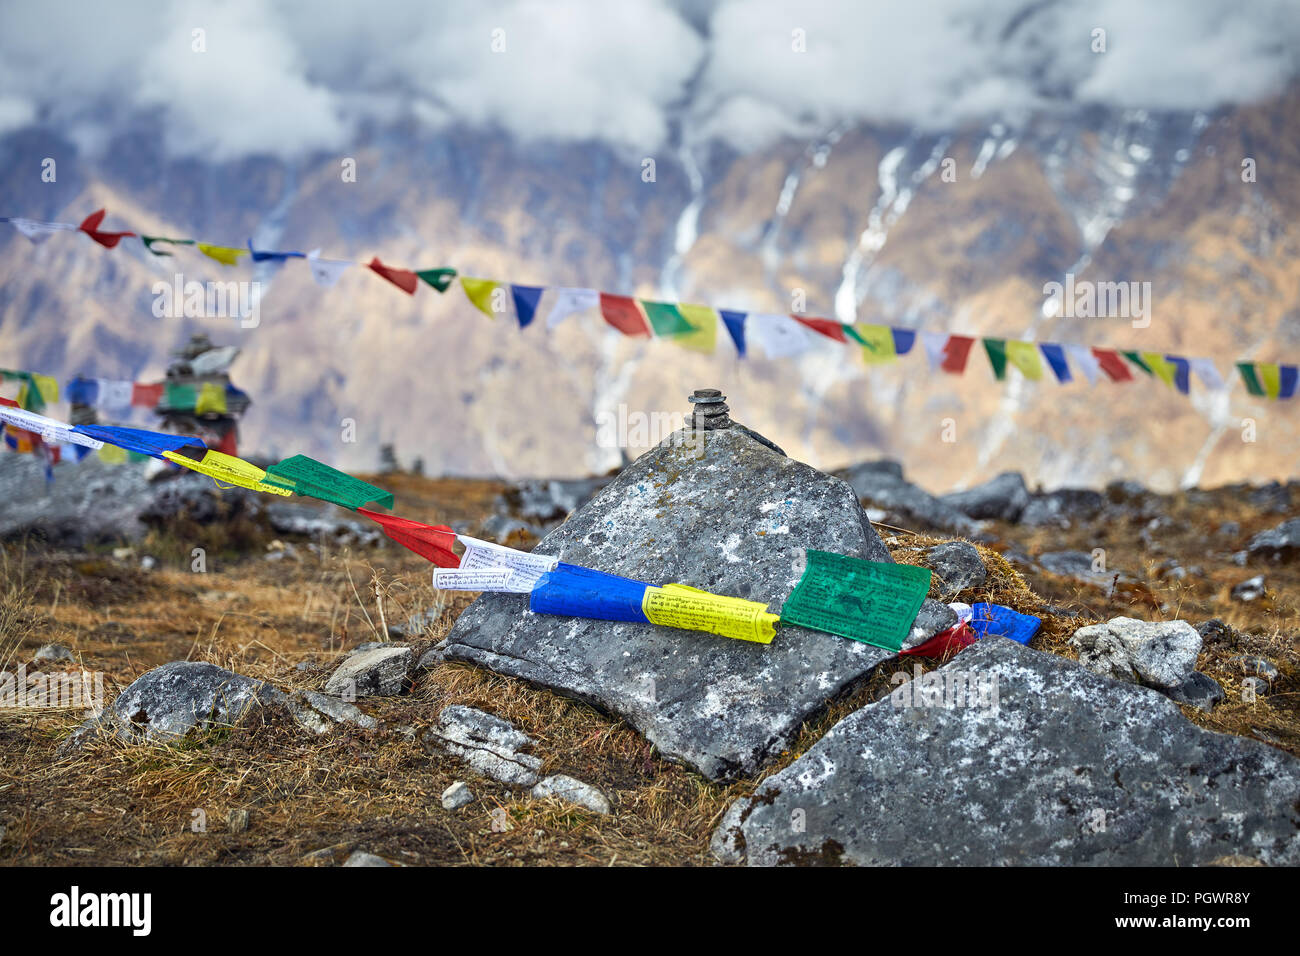 De petits tas de pierres et de drapeaux de prière Tibetains Lung Ta au camp de base à l'Himal Mardi Nuageux sommets de montagnes de l'Himalaya au Népal Banque D'Images